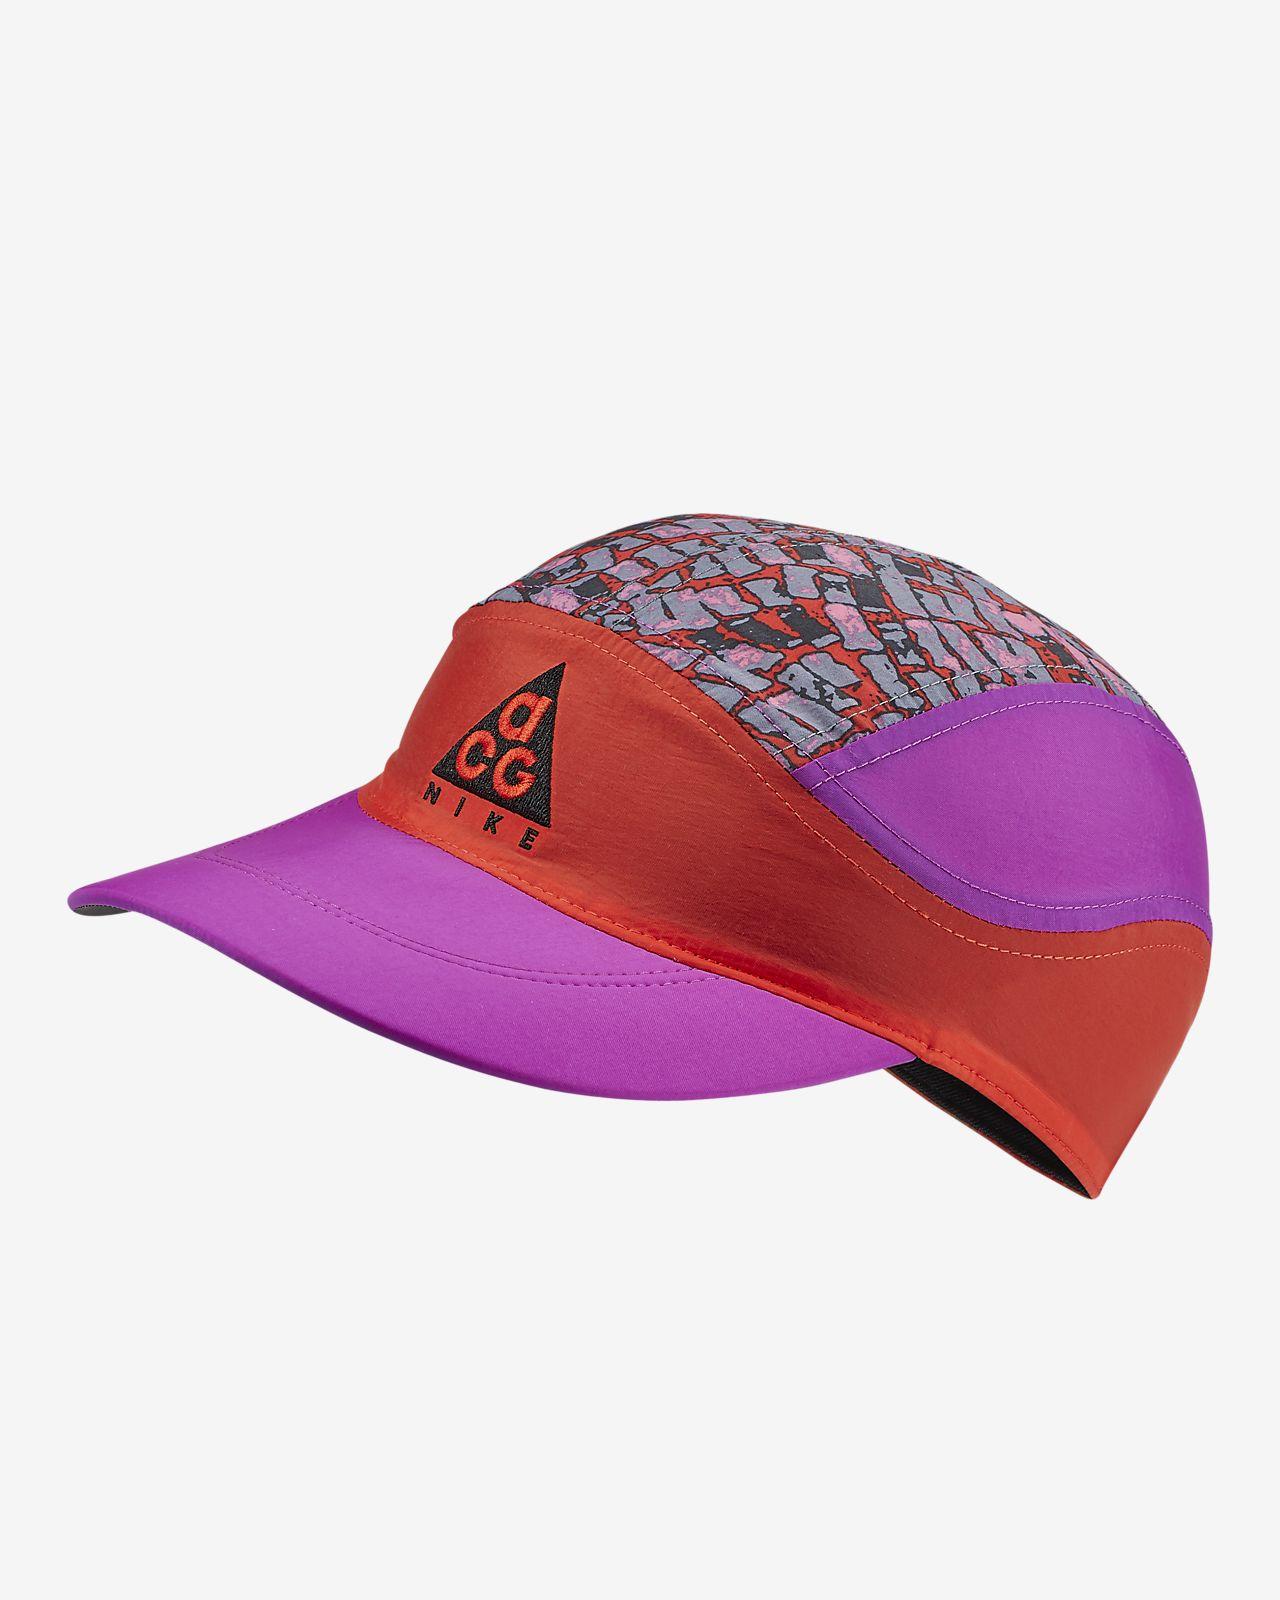 19dfffe9 Low Resolution Nike ACG Tailwind Hat Nike ACG Tailwind Hat